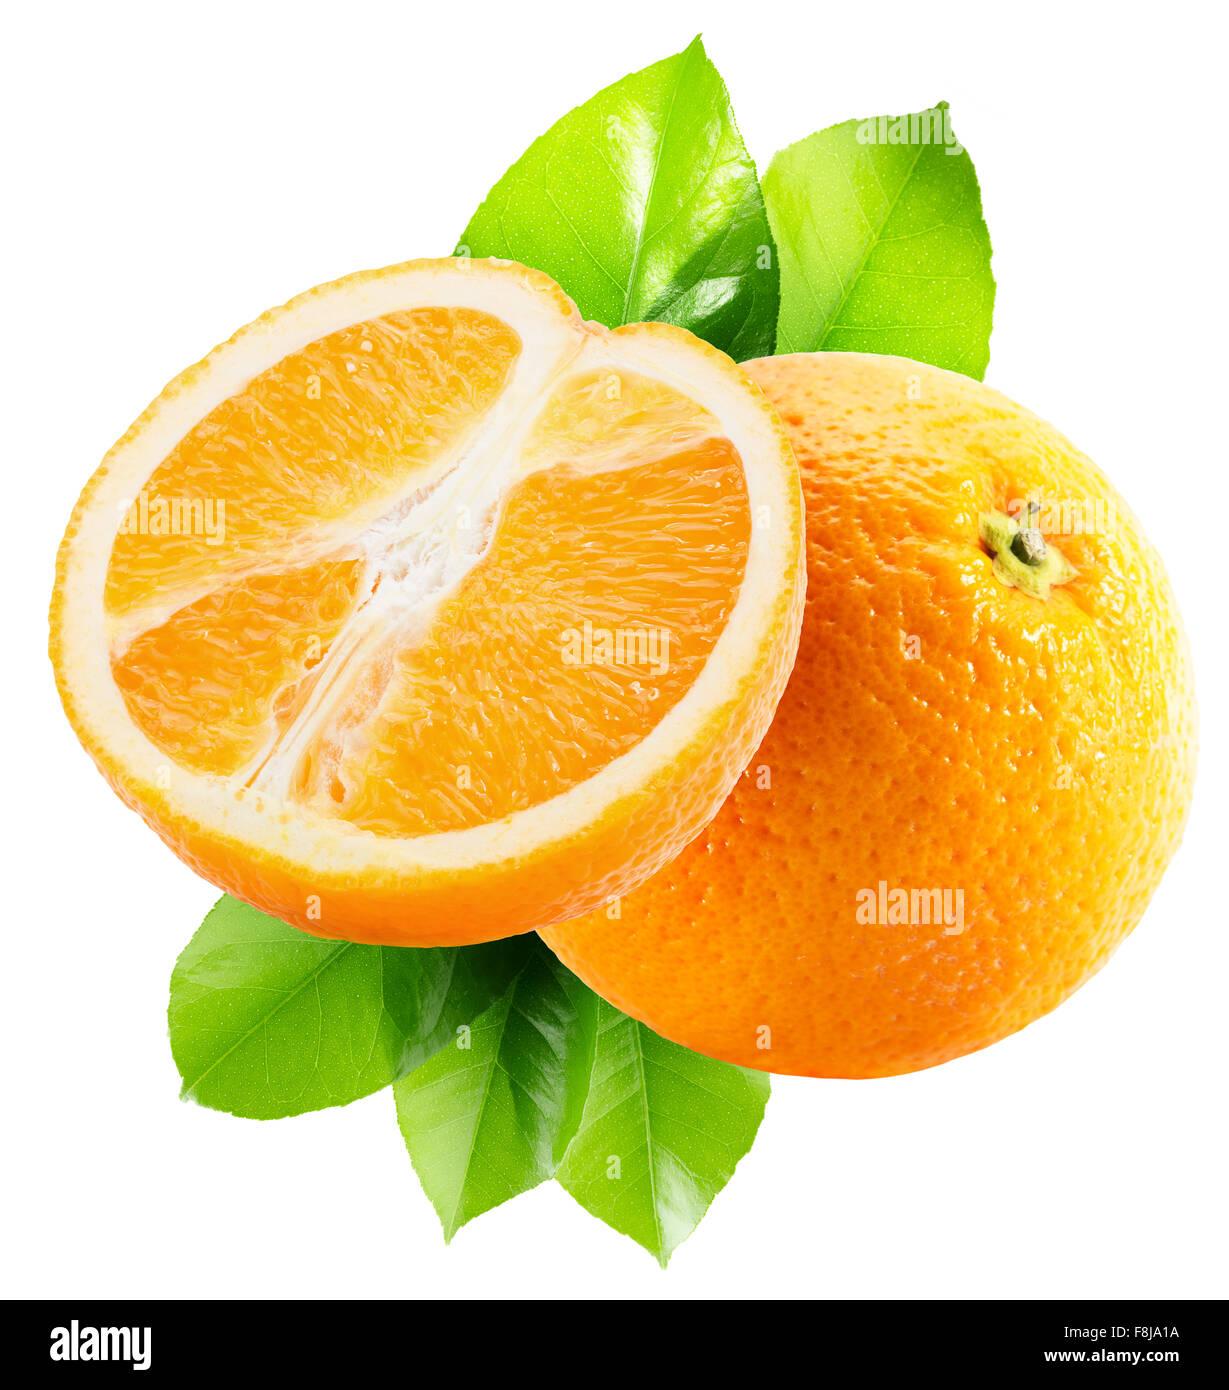 juicy oranges isolated on the white background. - Stock Image